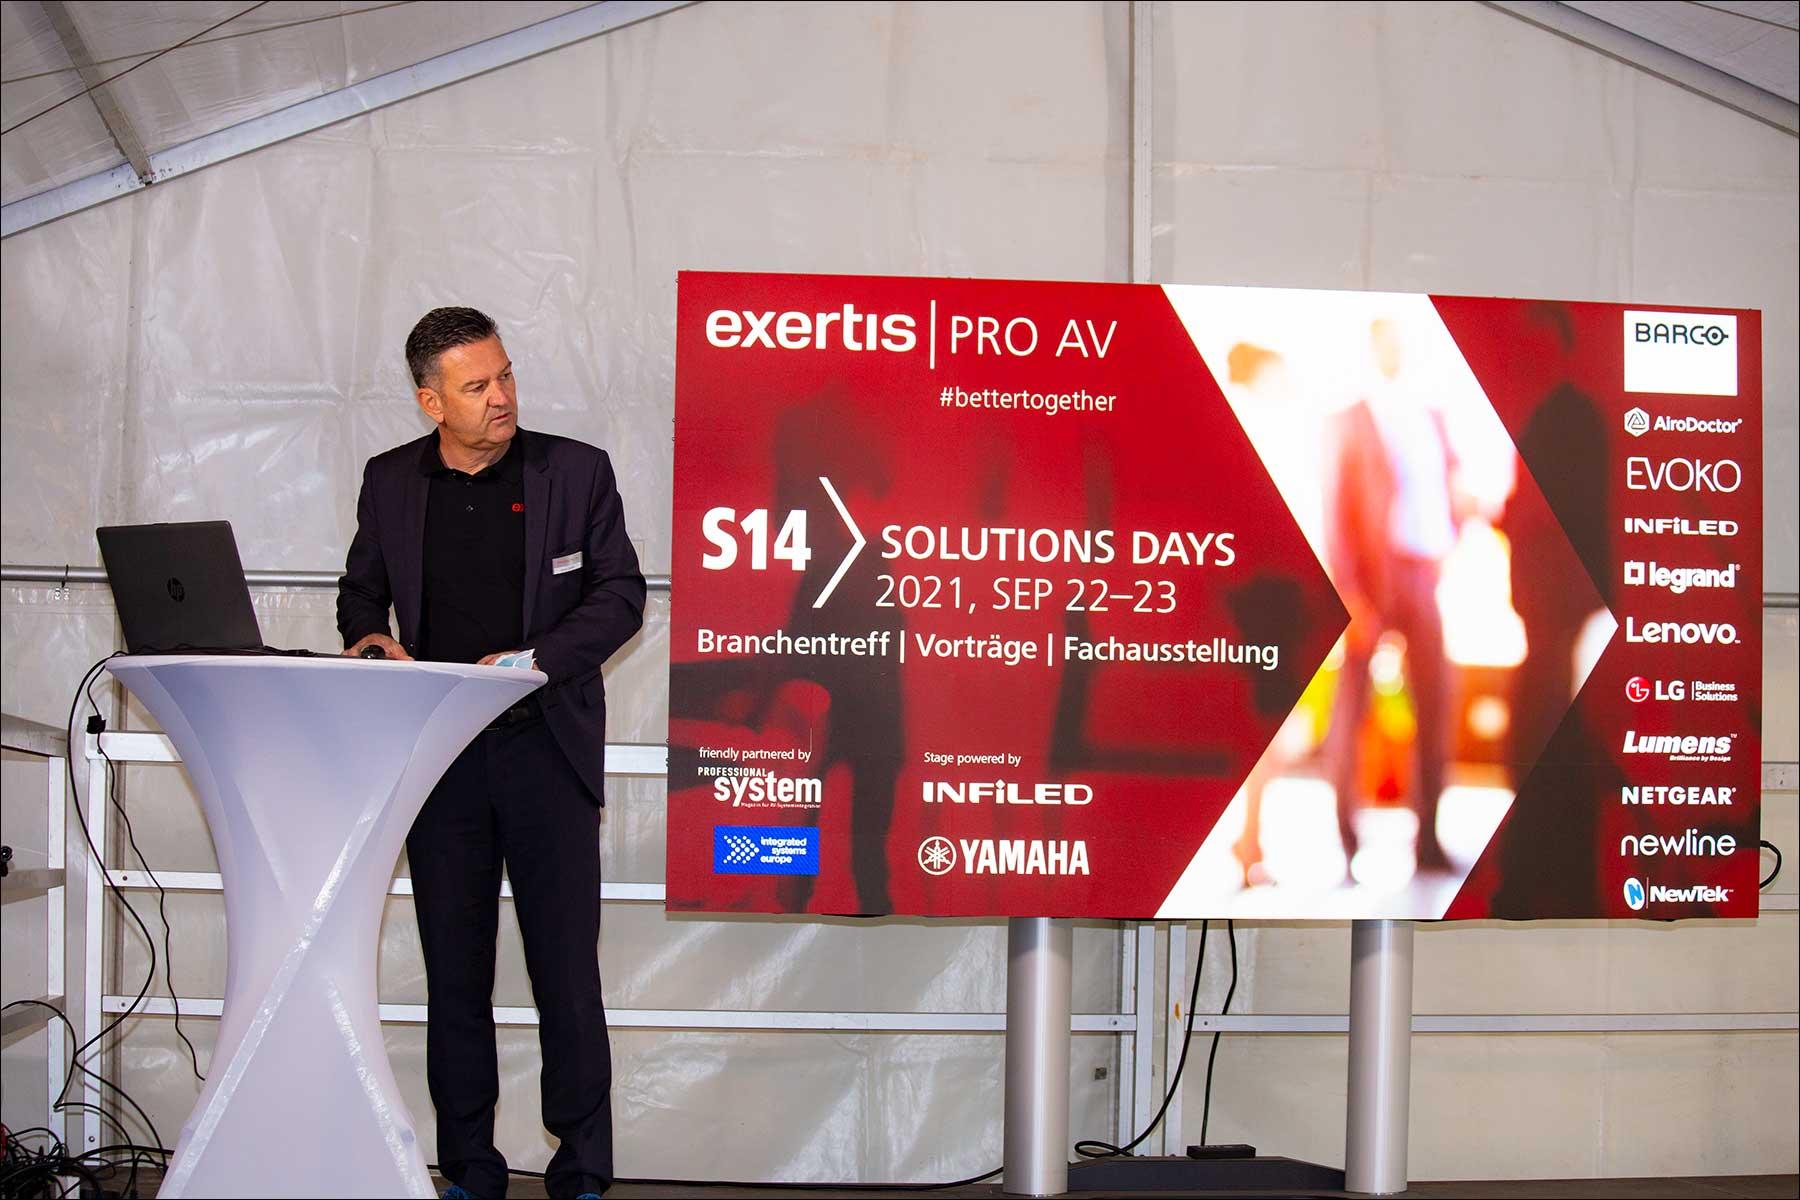 Rainer Sprinzl von exertis Pro AV bei der Eröffnung der S14 Solution Days 2021 (Foto: Tom Becker)